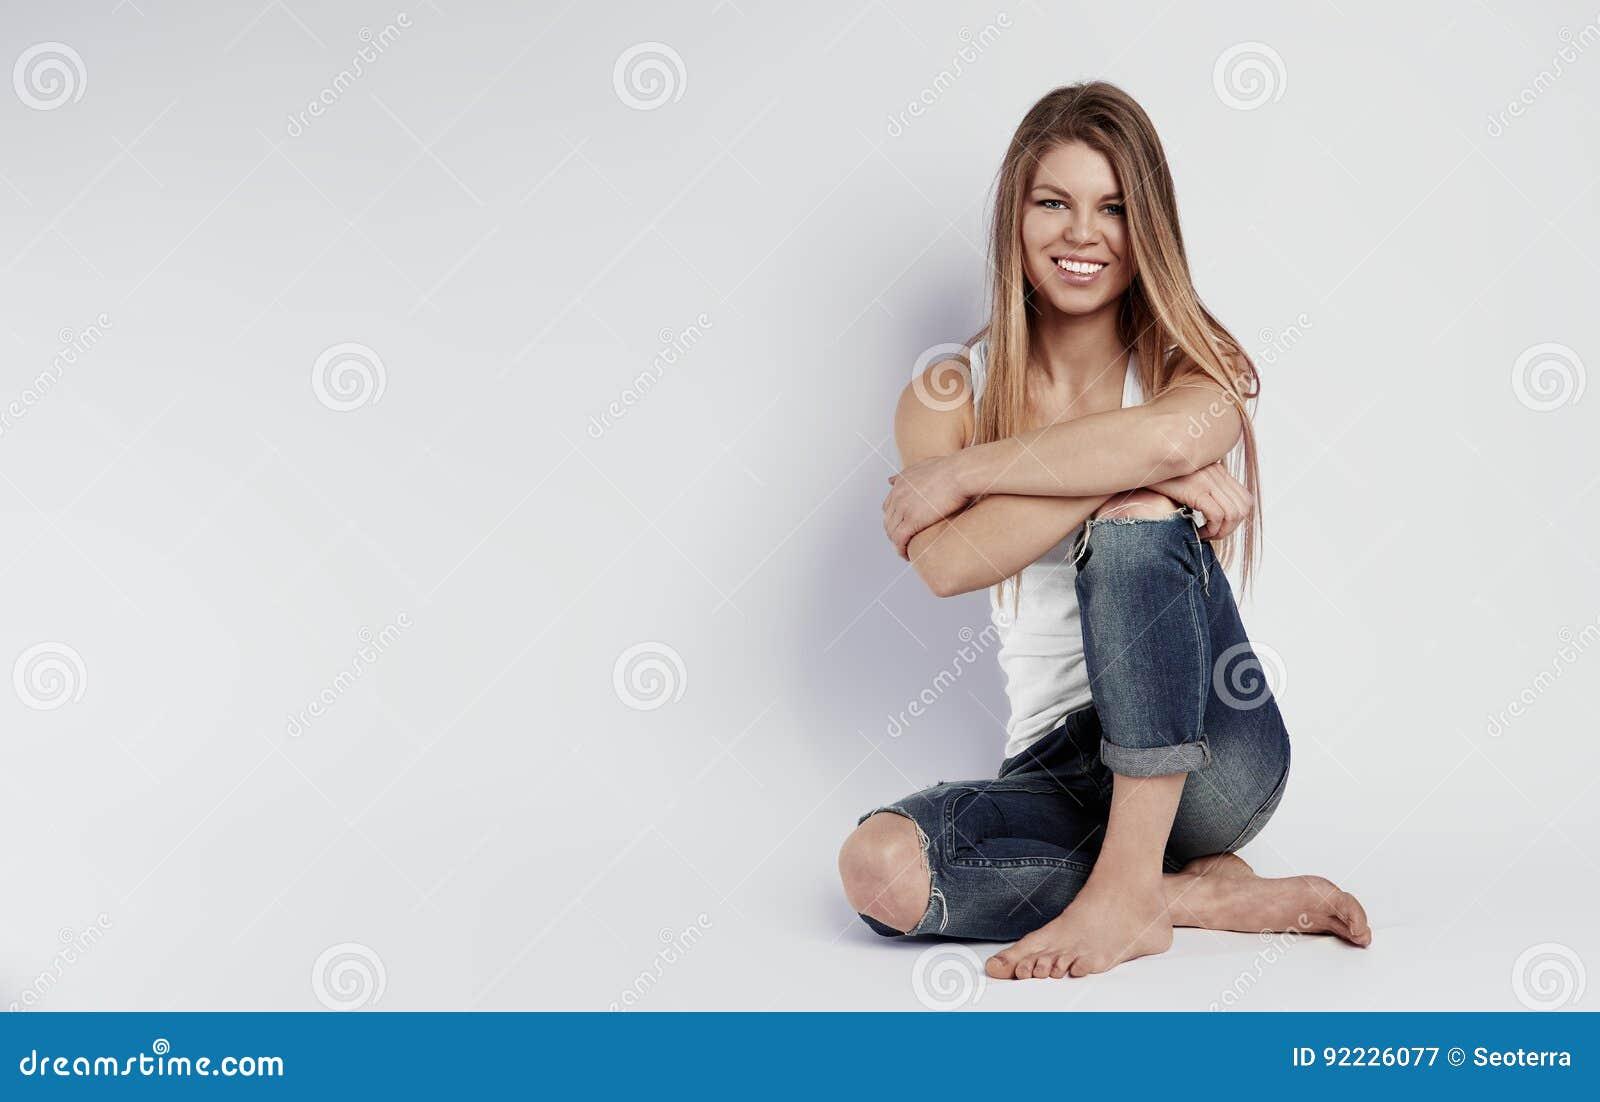 Босоногая женщина над предпосылкой